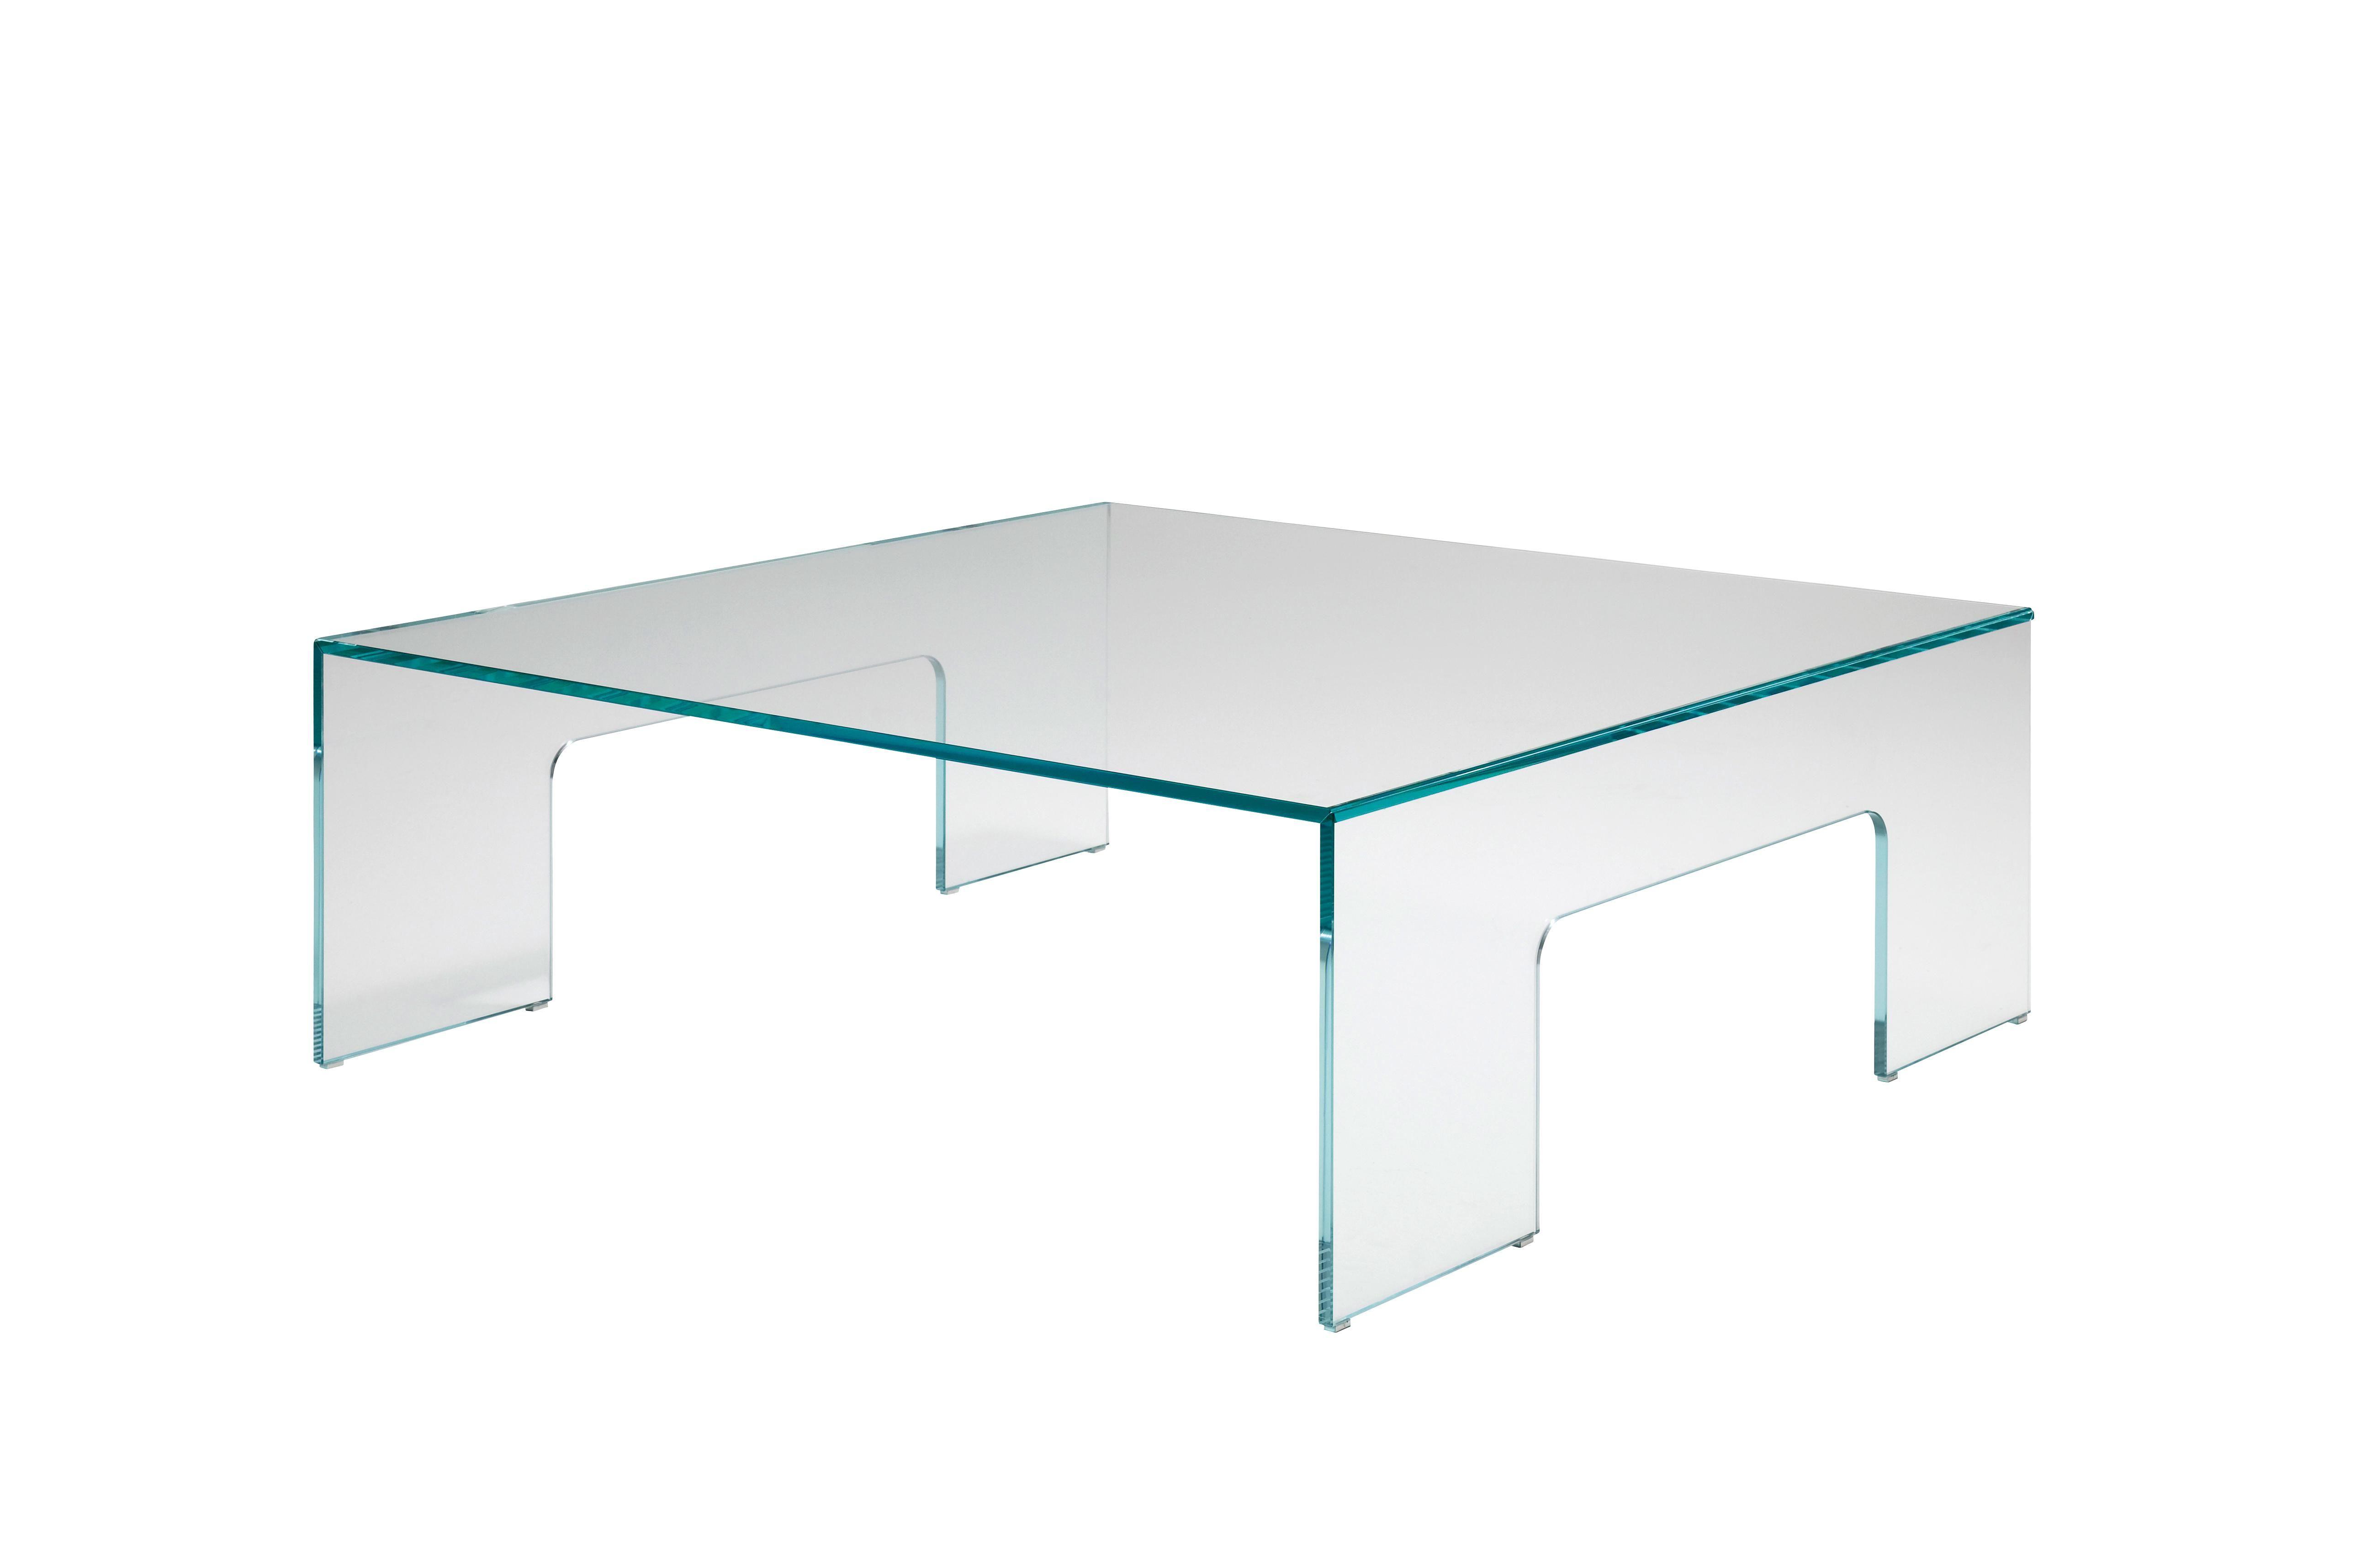 Rolf Benz Couchtisch Aus Optiwhite Glas Mondäner Chic Für Ihre